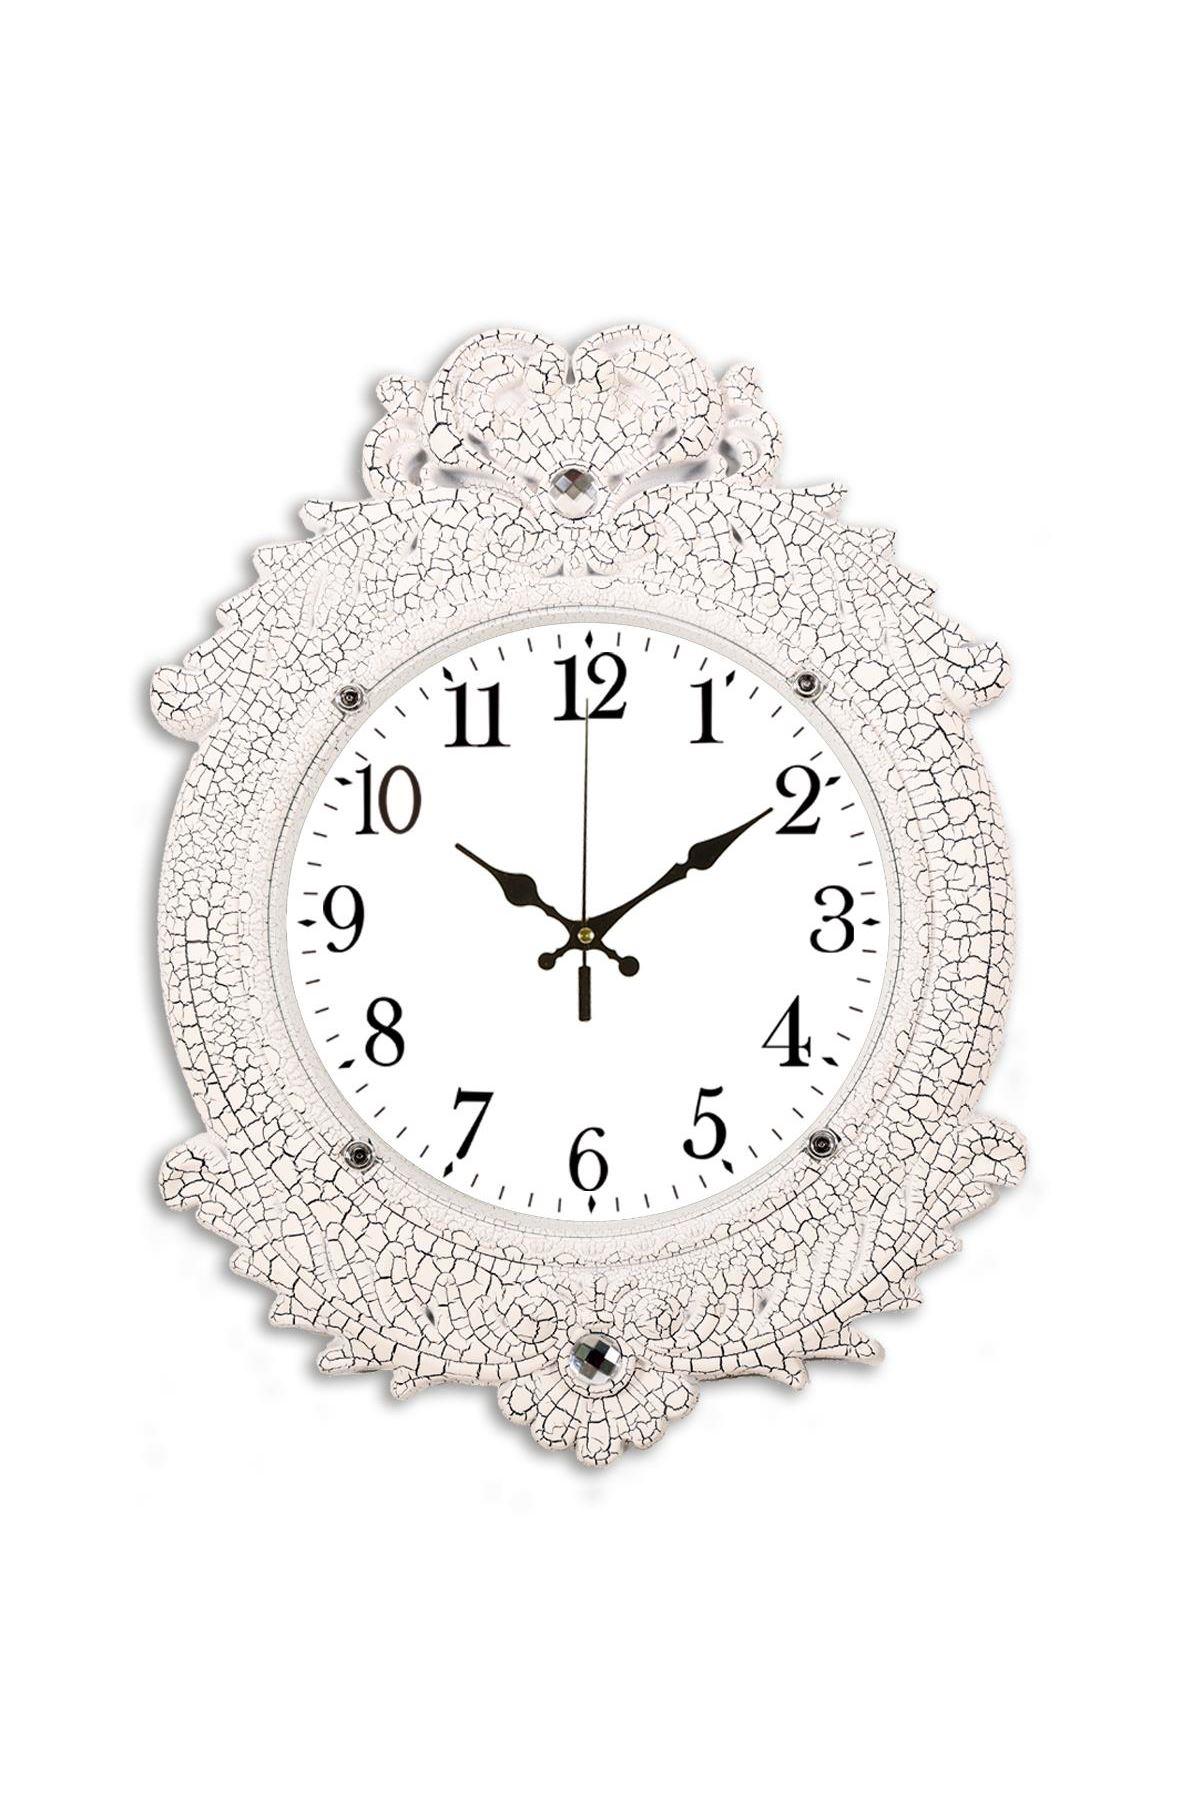 Rikon Deluxe Beyaz Çatlak Dekoratif Duvar Saati 48X36 Cm